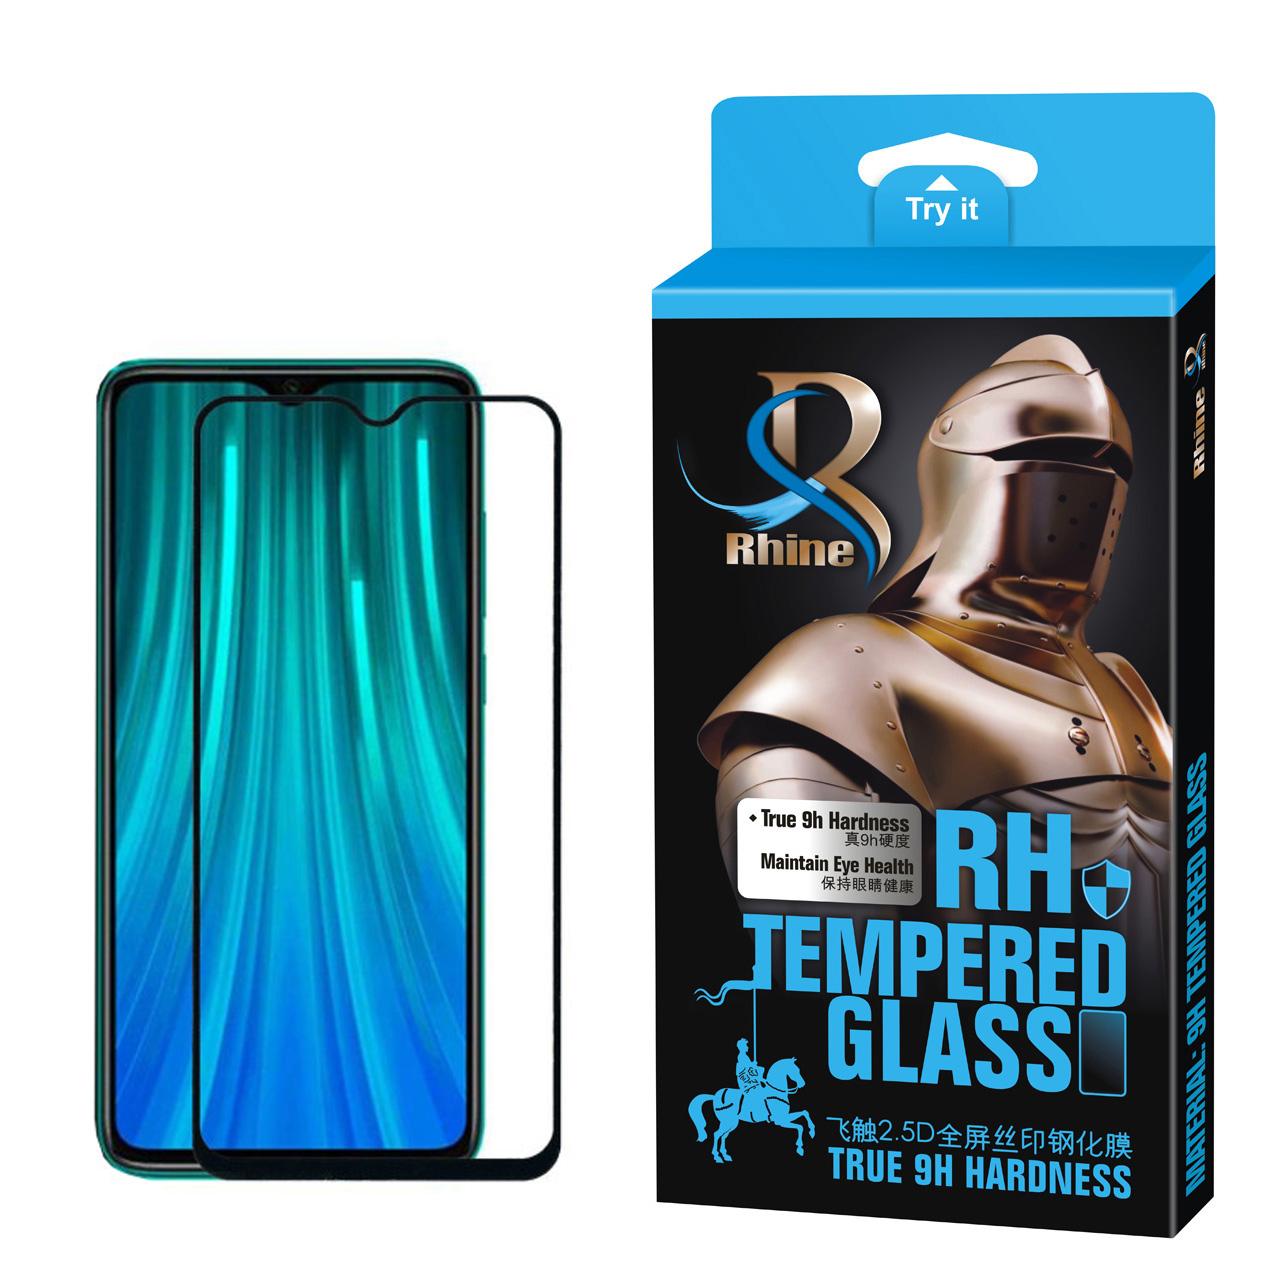 محافظ صفحه نمایش 9D راین مدل R-9 مناسب برای گوشی موبایل شیائومی Redmi Note8 Pro